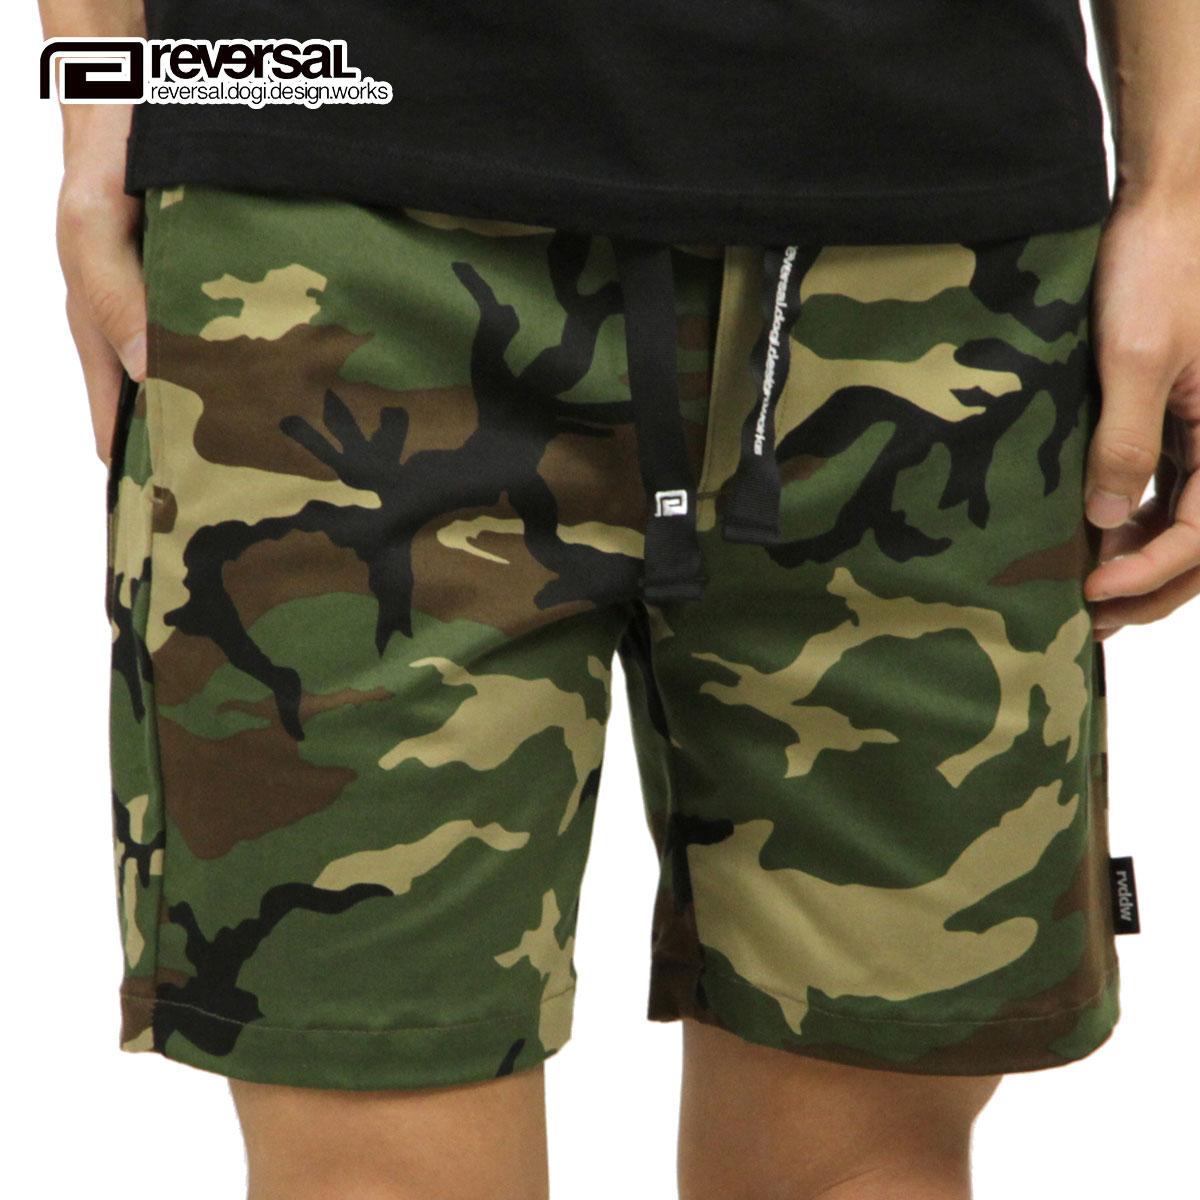 リバーサル REVERSAL 正規販売店 メンズ 迷彩柄 ショートパンツ BLACK BELT 4 POCKET SHORTS rv18ss040 WOODLAND CAMO